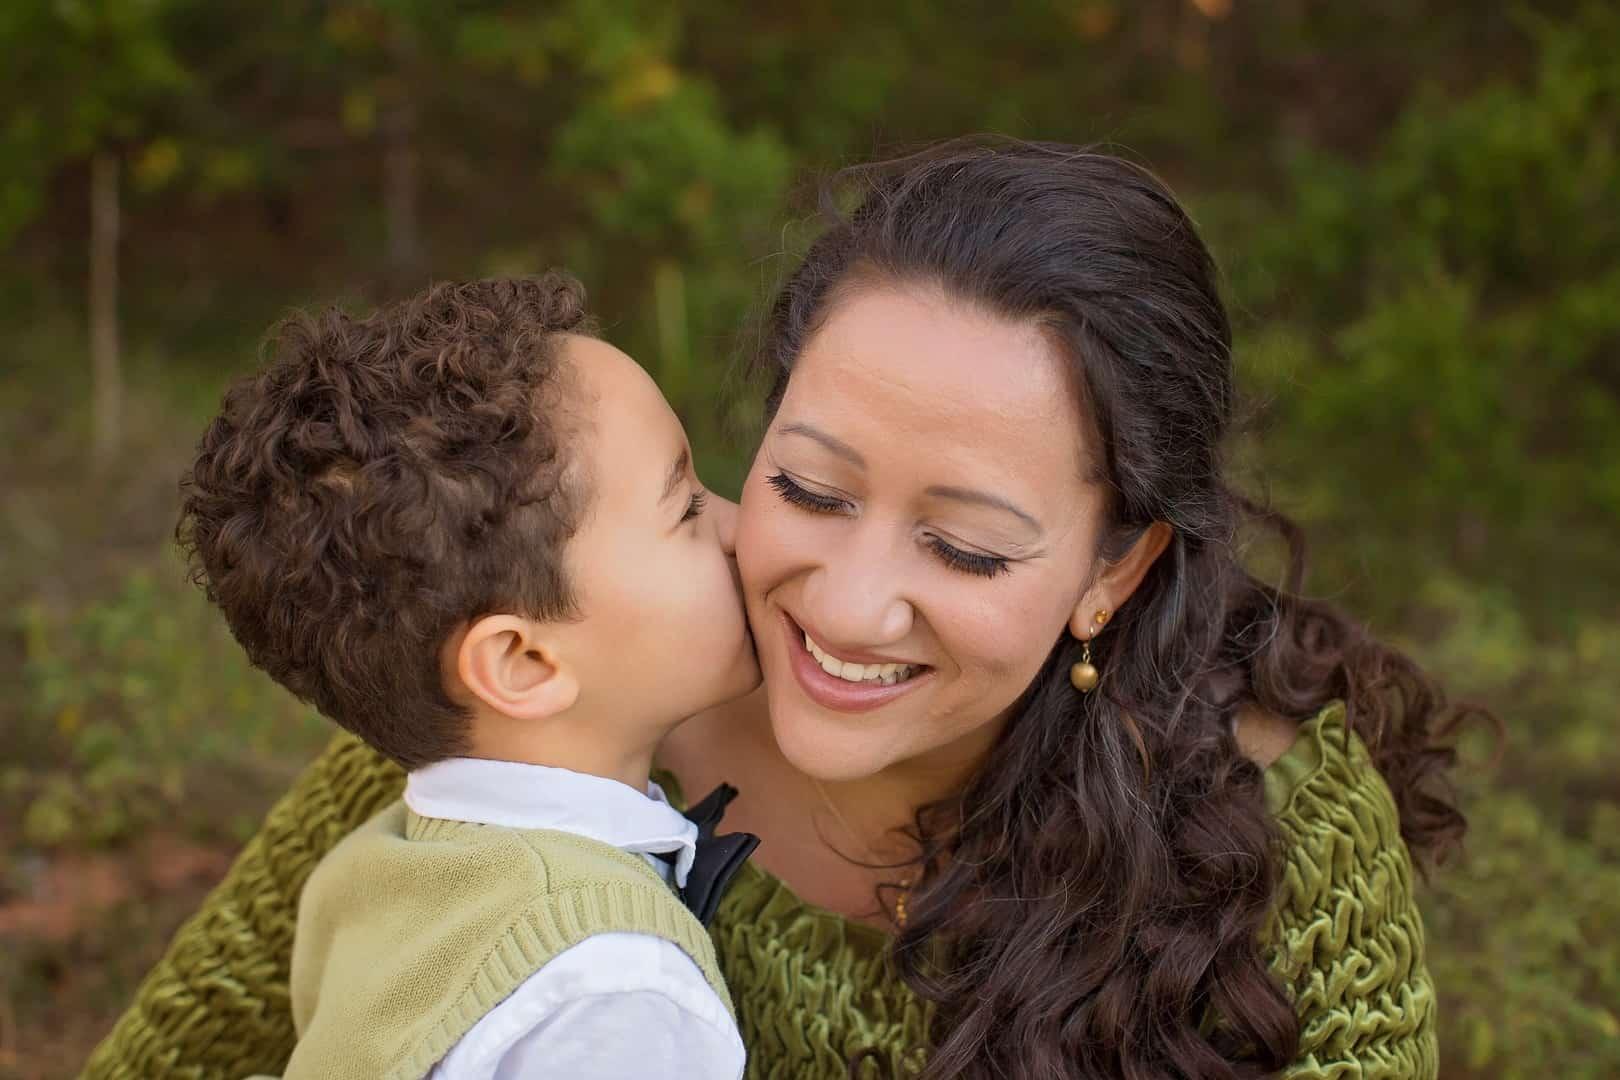 Día de la Madre: 5 actividades para hacer madre e hijo